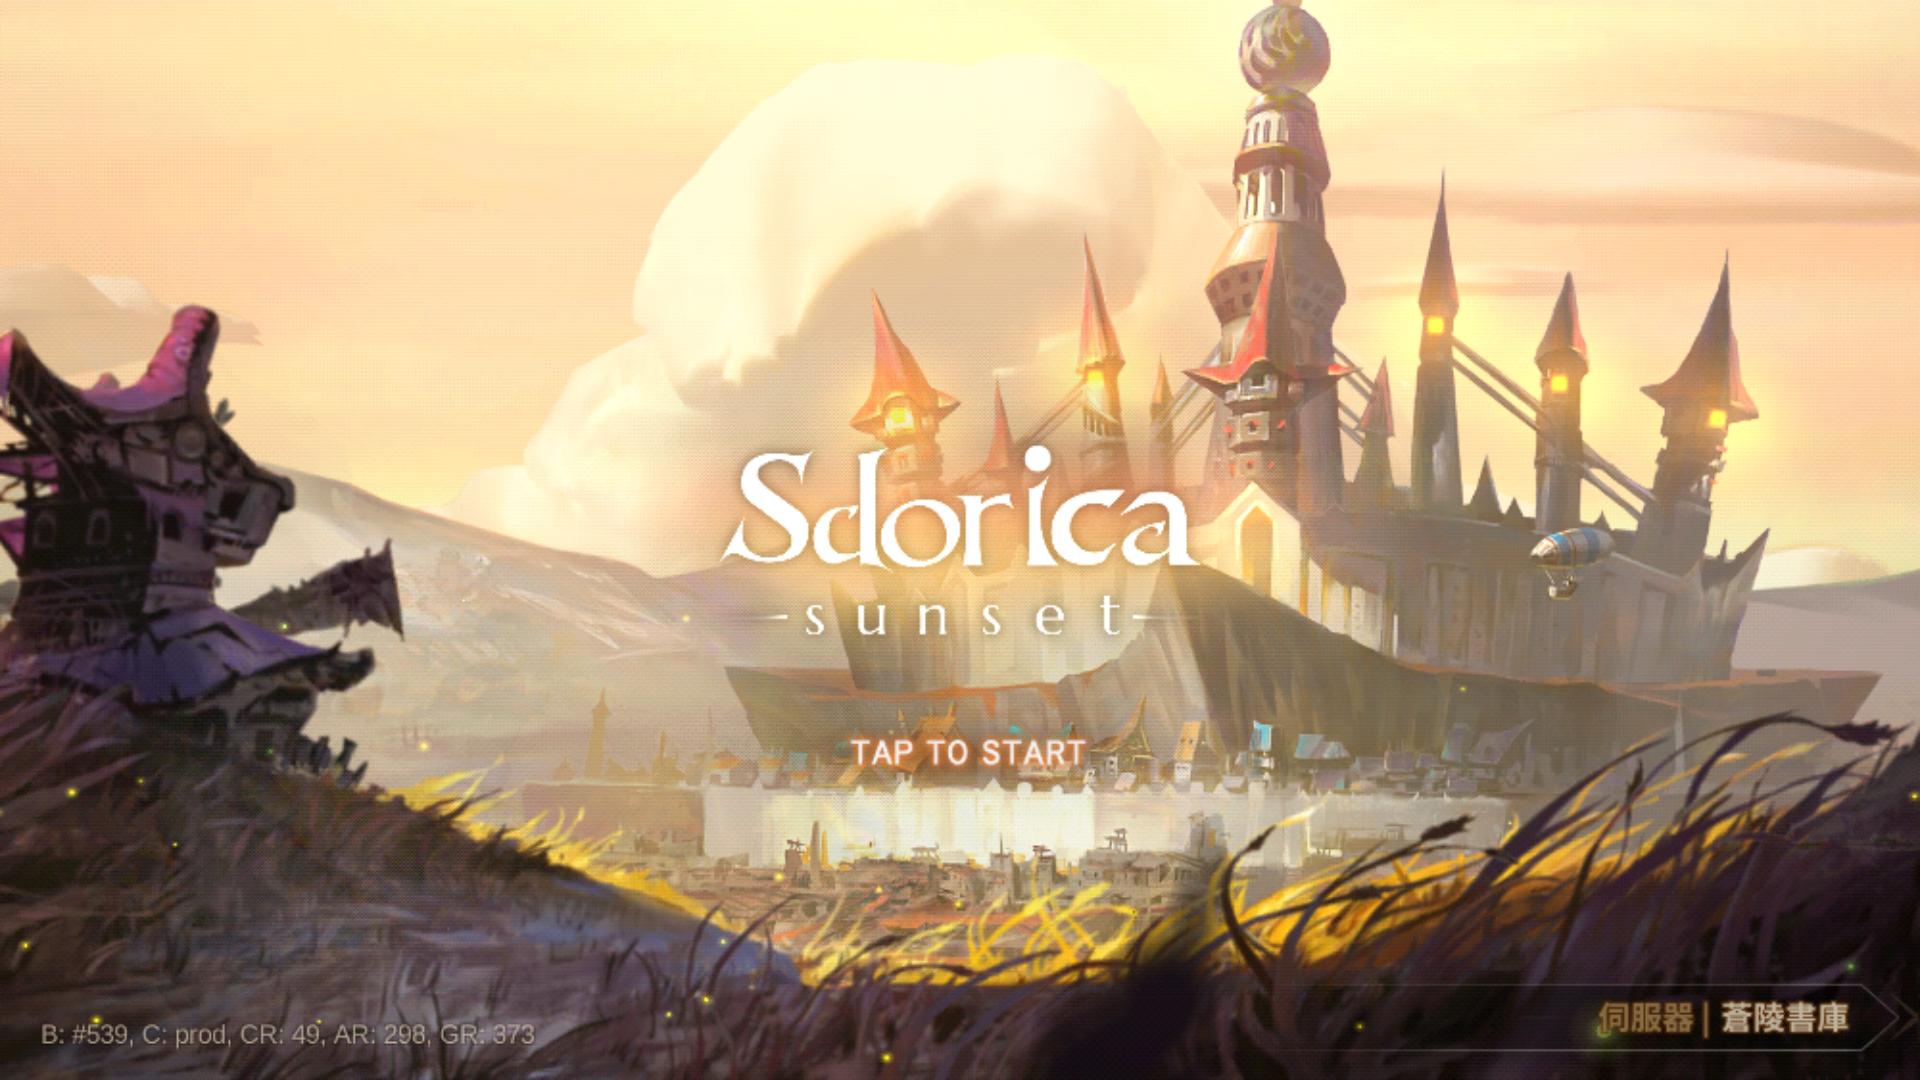 Sdorica 萬象物語│雷亞RPG新作的創作觀點與劇情解剖